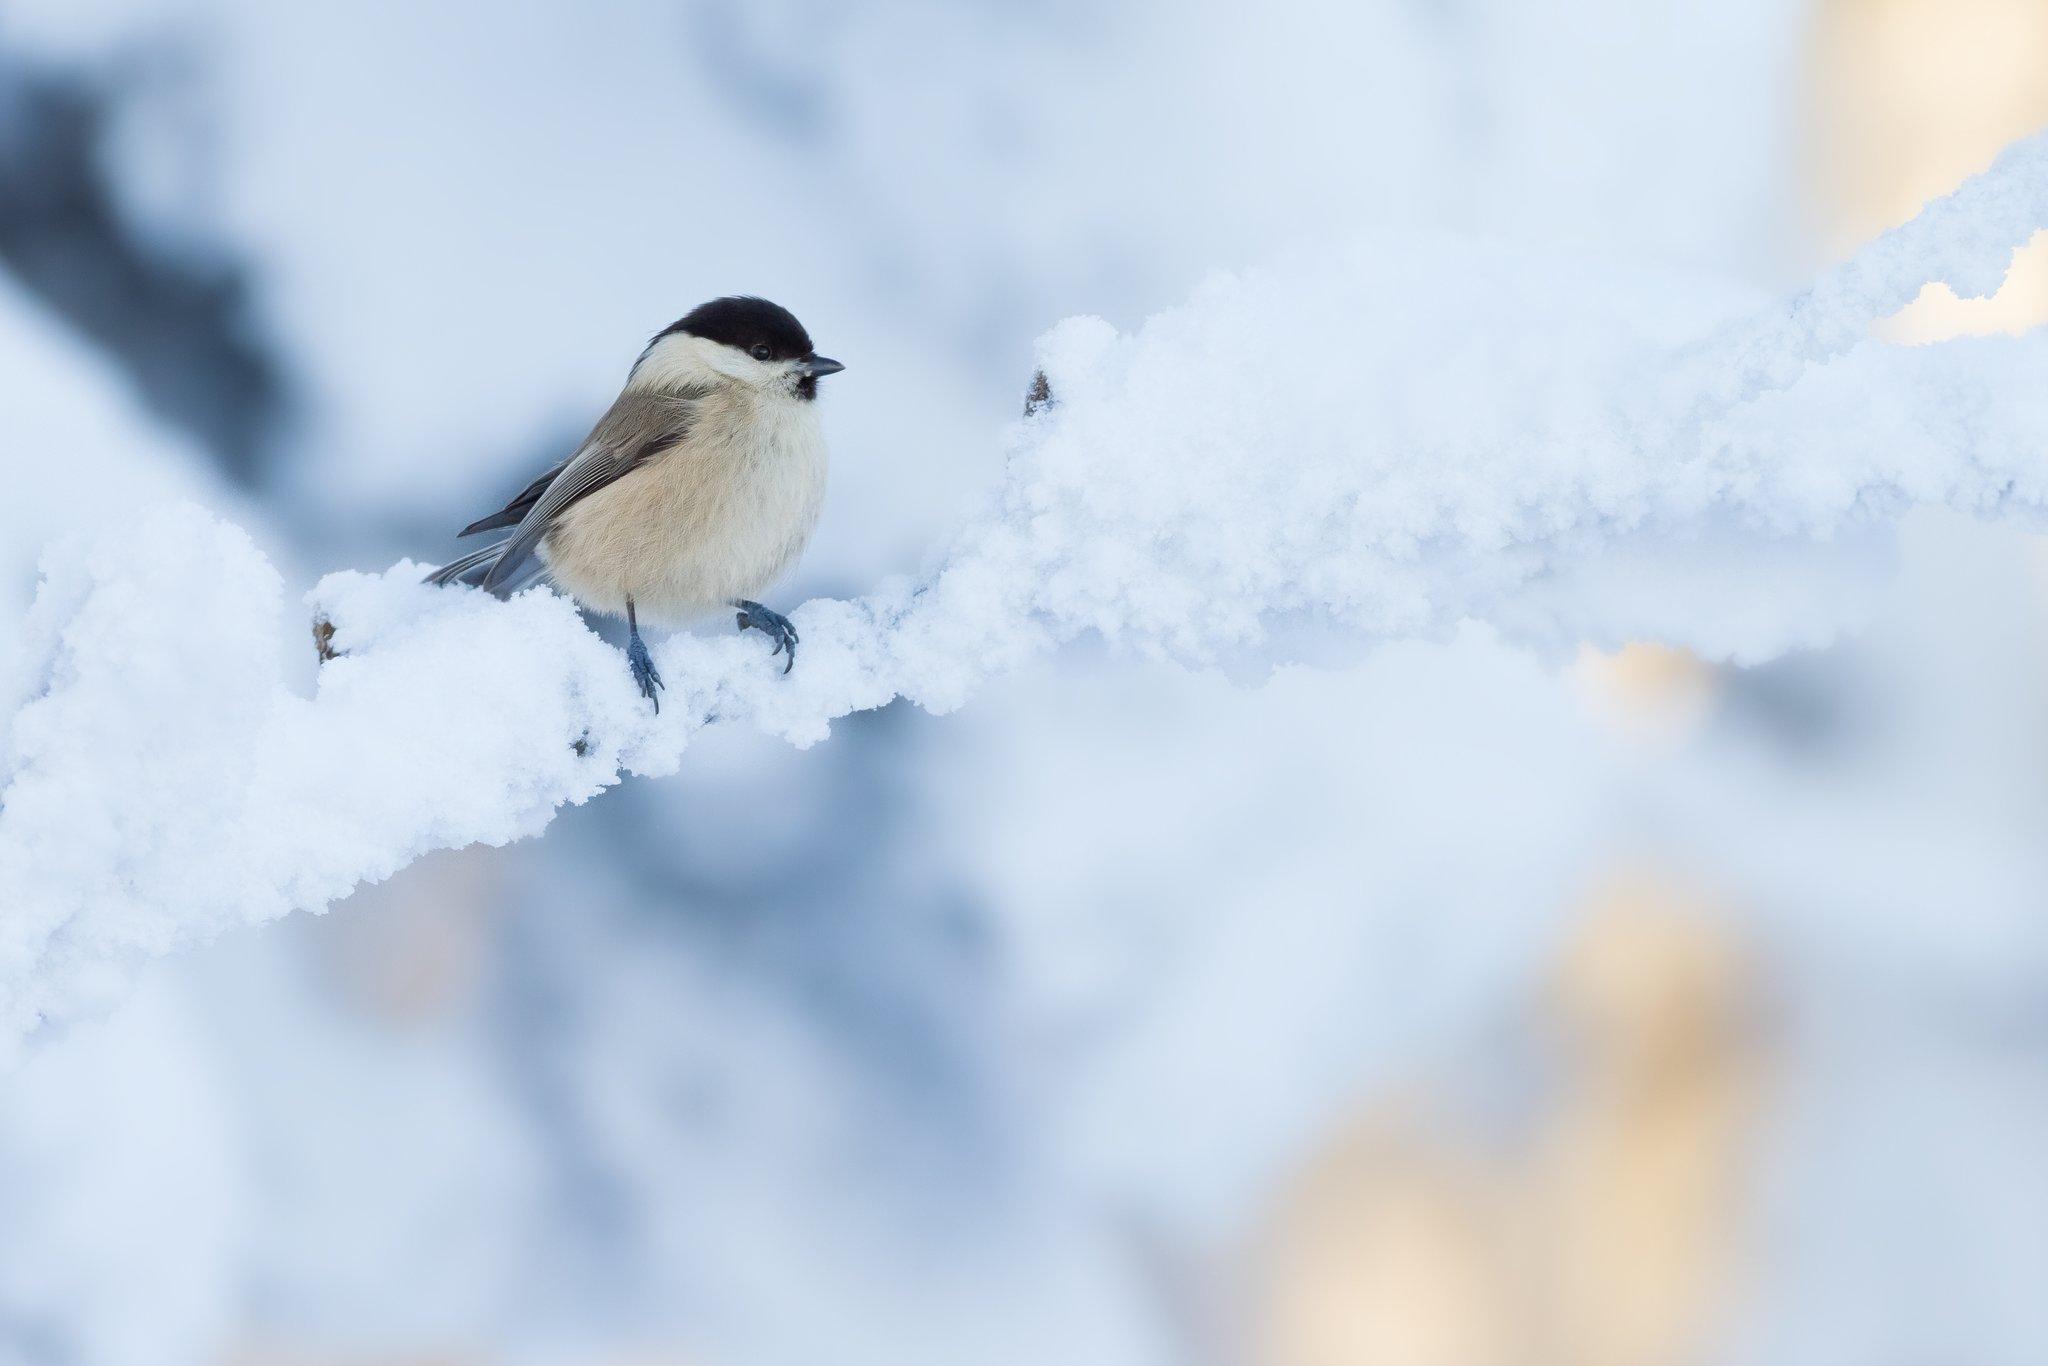 berliner k nnen wieder vogelforscher werden nabu berlin l dt zur stunde der winterv gel ein. Black Bedroom Furniture Sets. Home Design Ideas